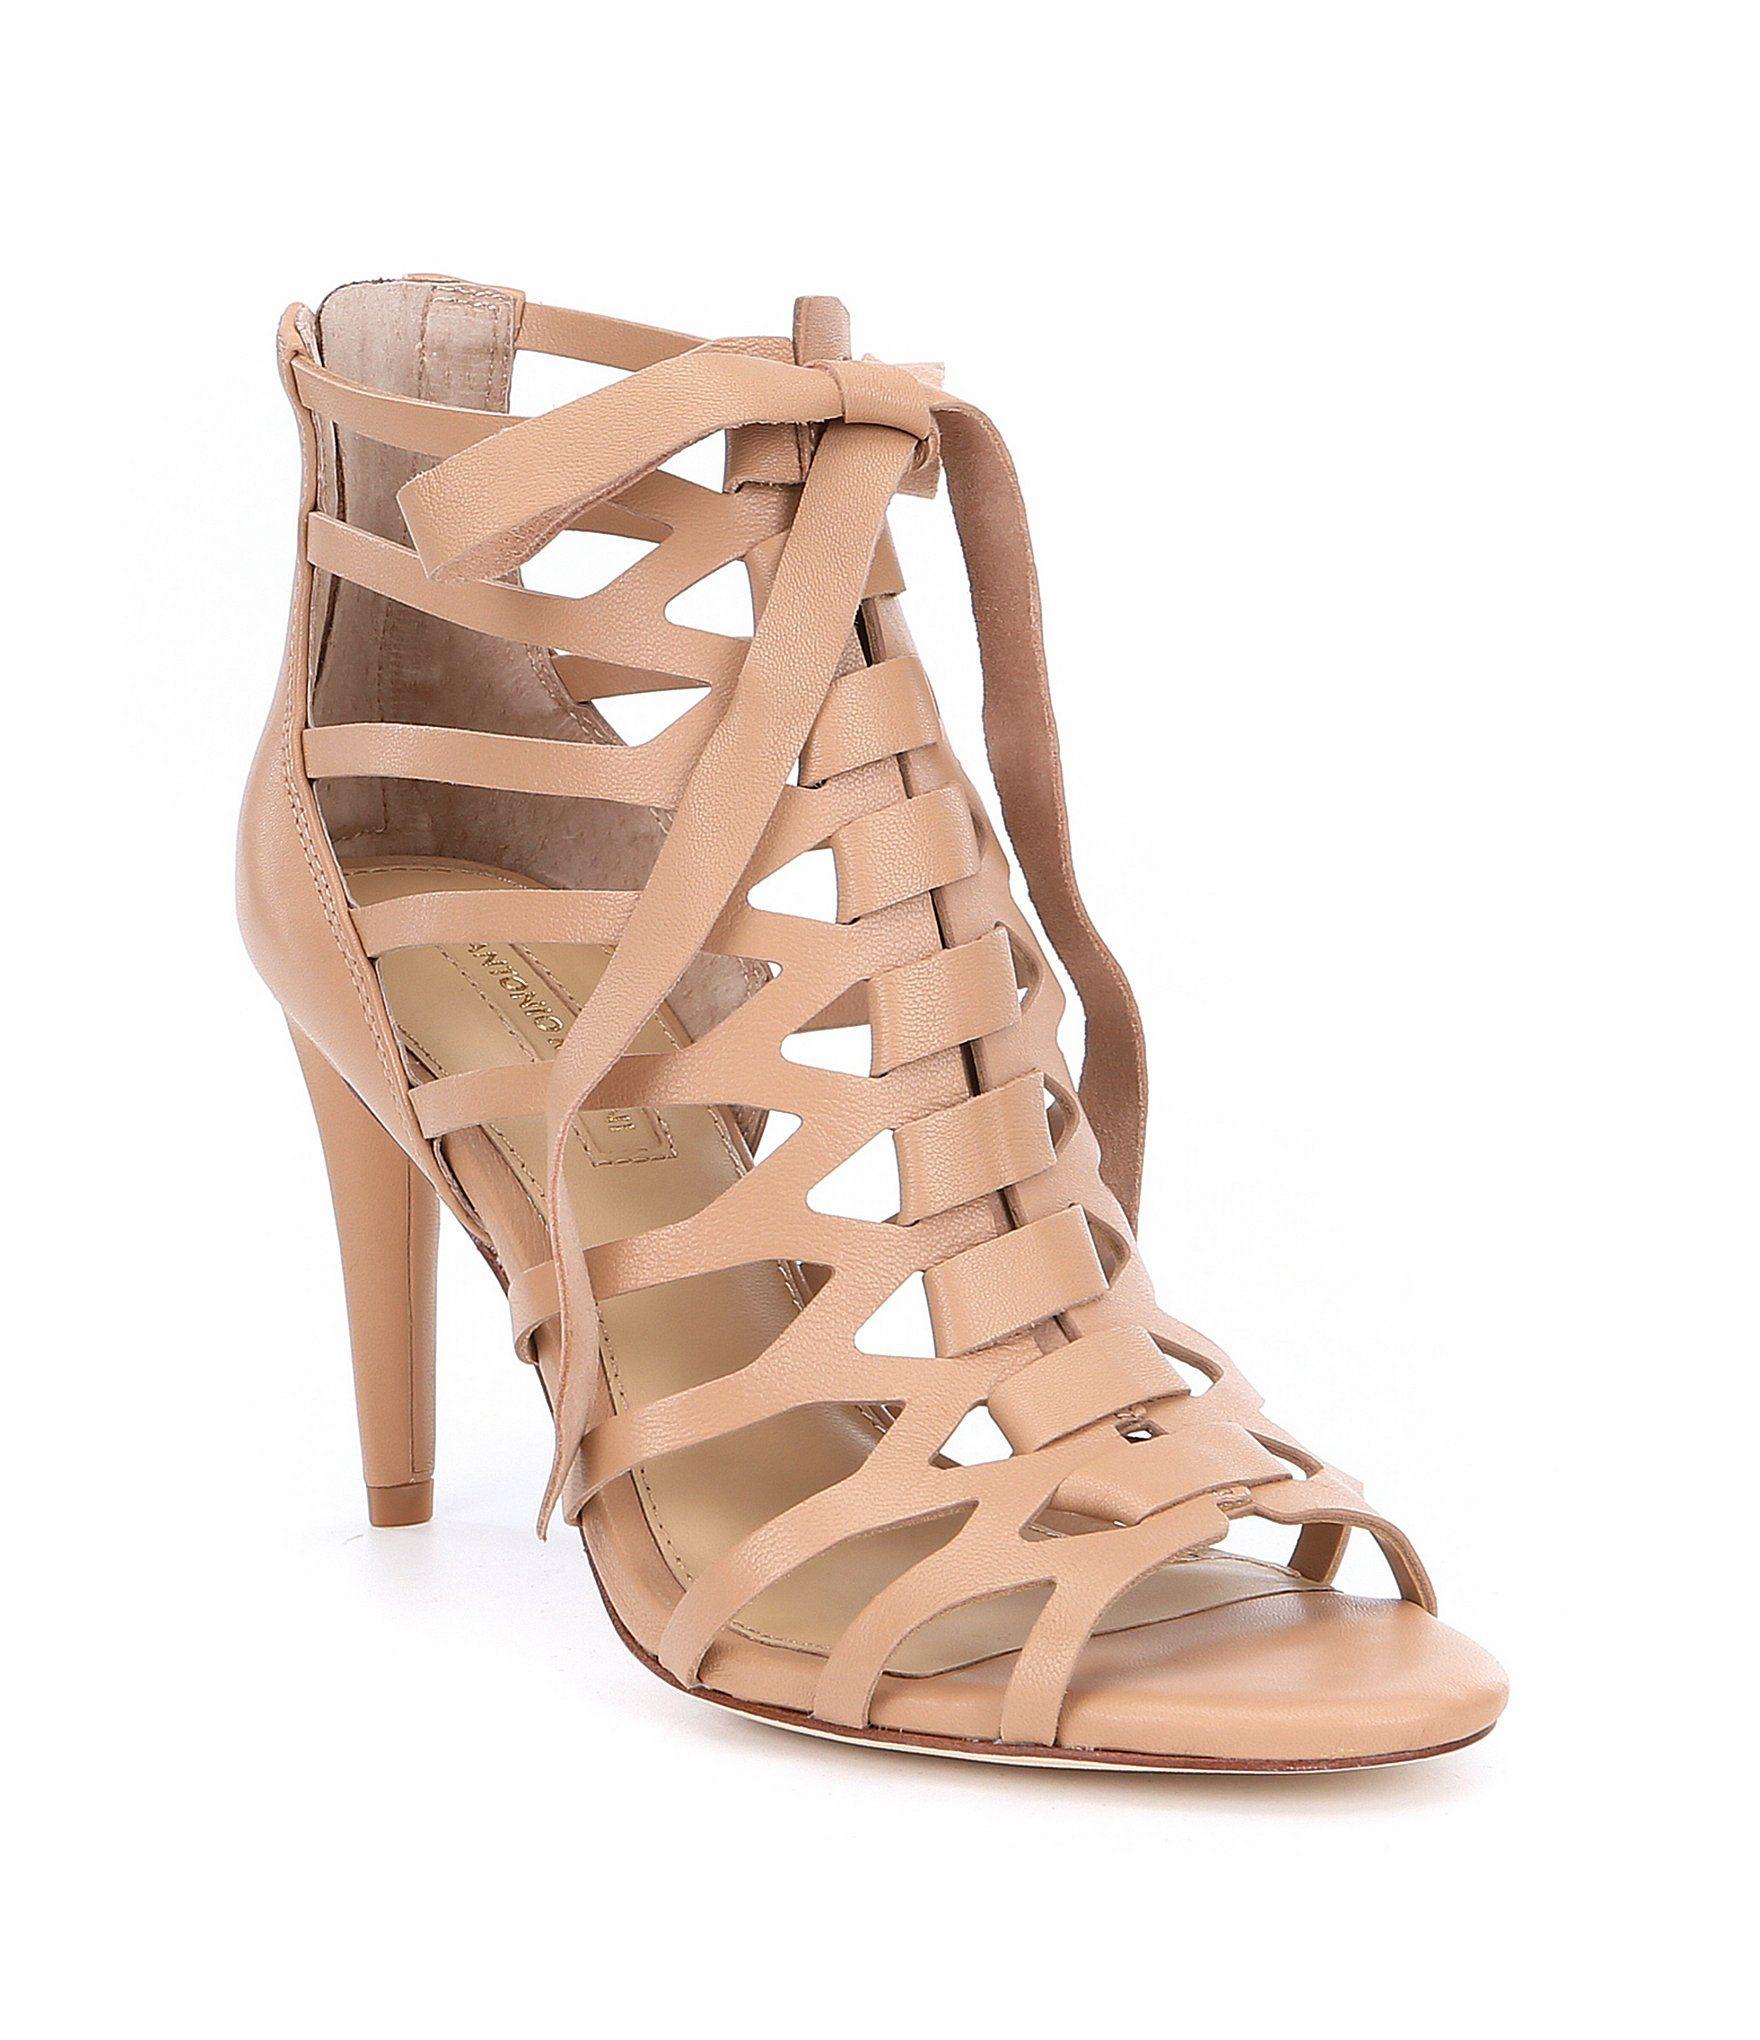 d4e00545ac1c9 Shop for Antonio Melani Merraline Lace-Up Dress Sandals at Dillards ...